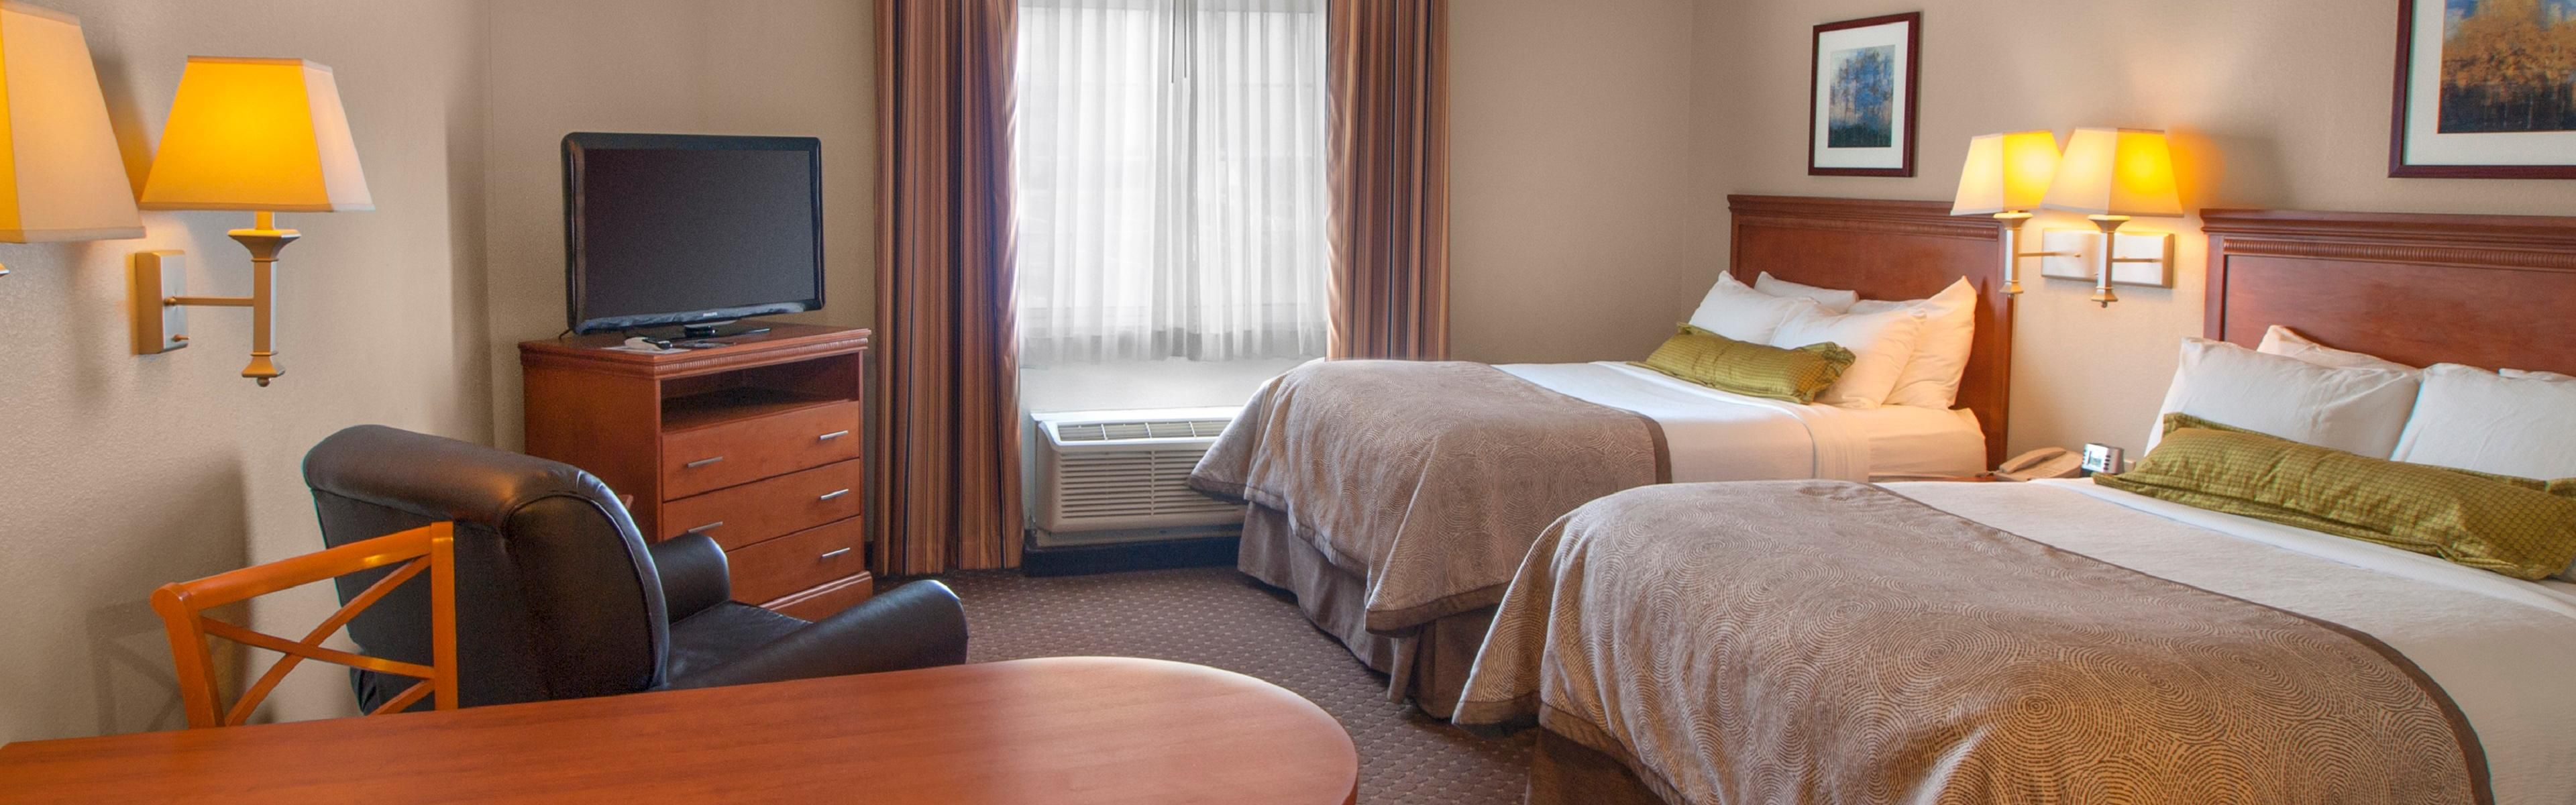 Candlewood Suites Buffalo Amherst image 1